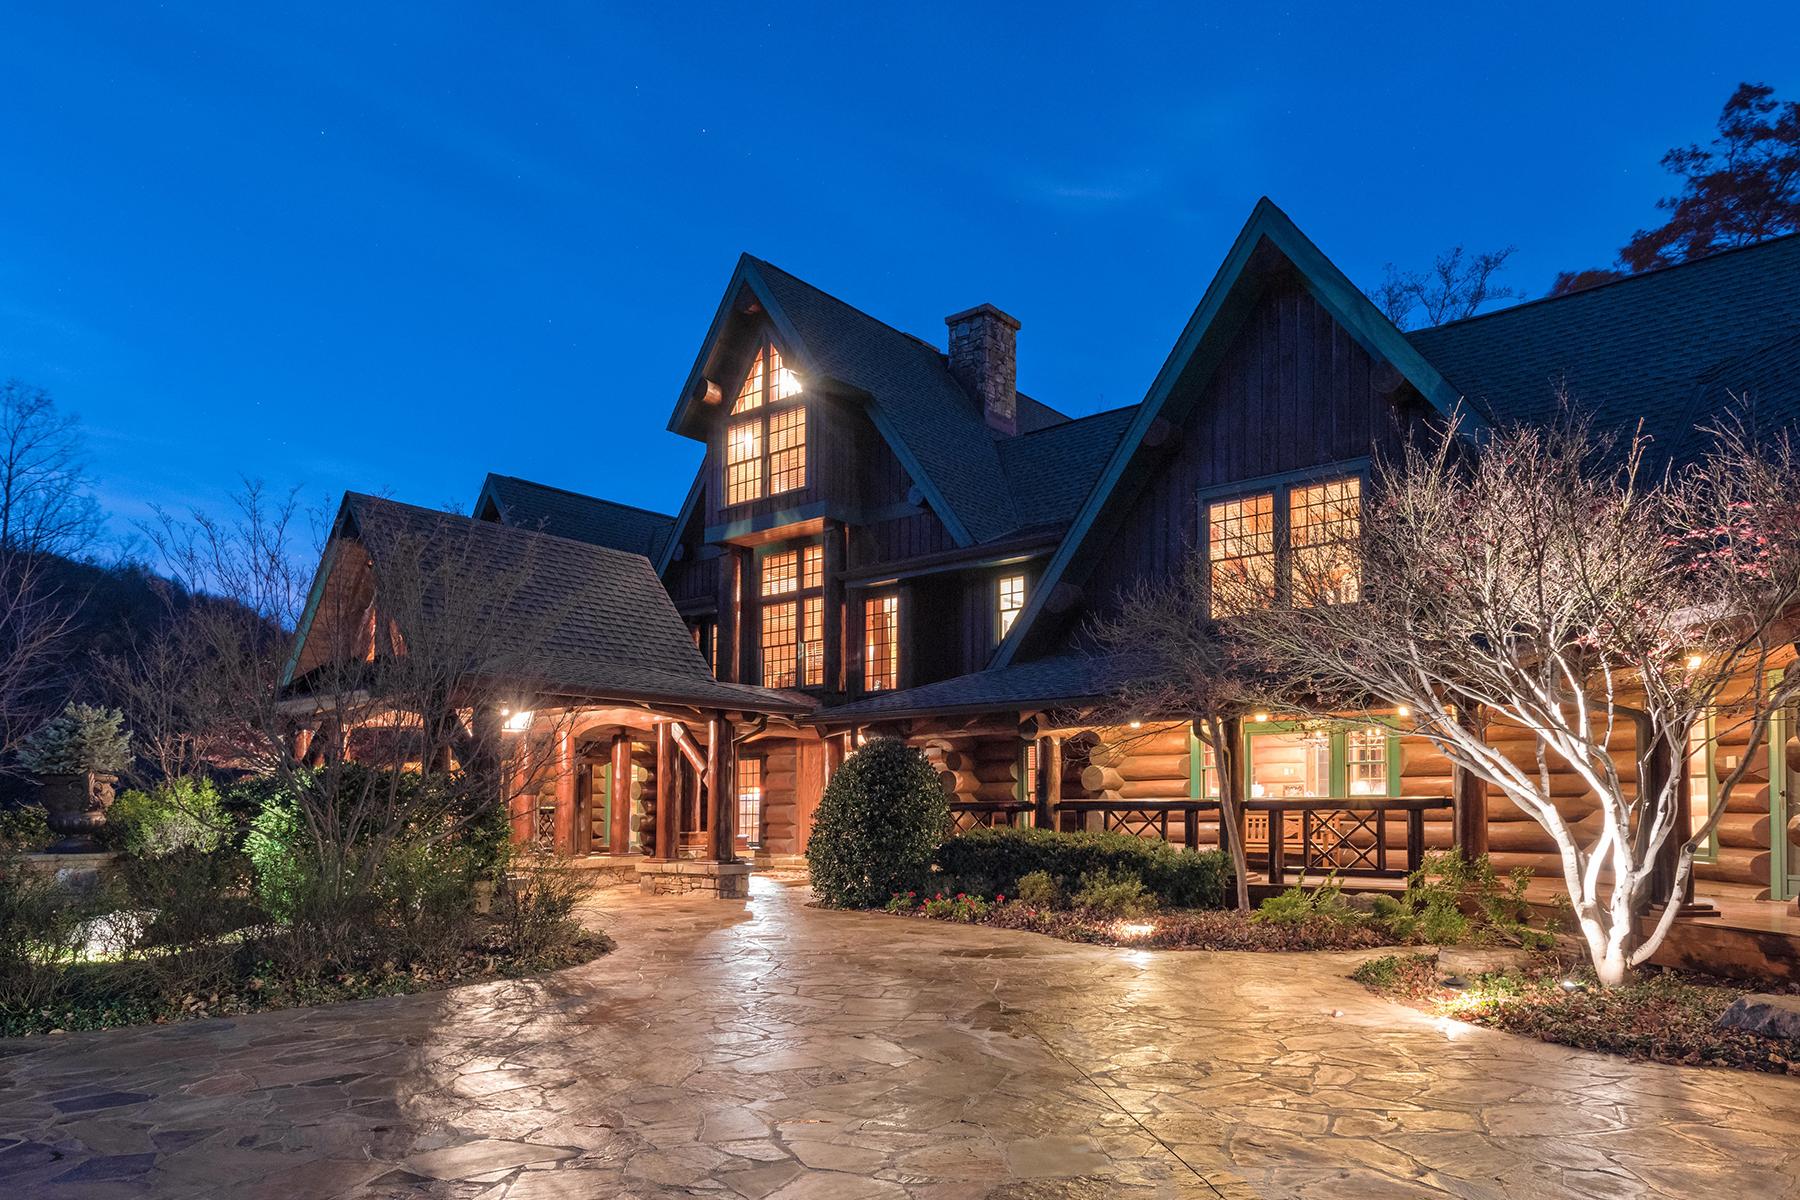 独户住宅 为 销售 在 THE CLIFFS AT GLASSY 43 Eagle Rock Rd 兰德勒姆, 南卡罗来纳州, 29356 美国